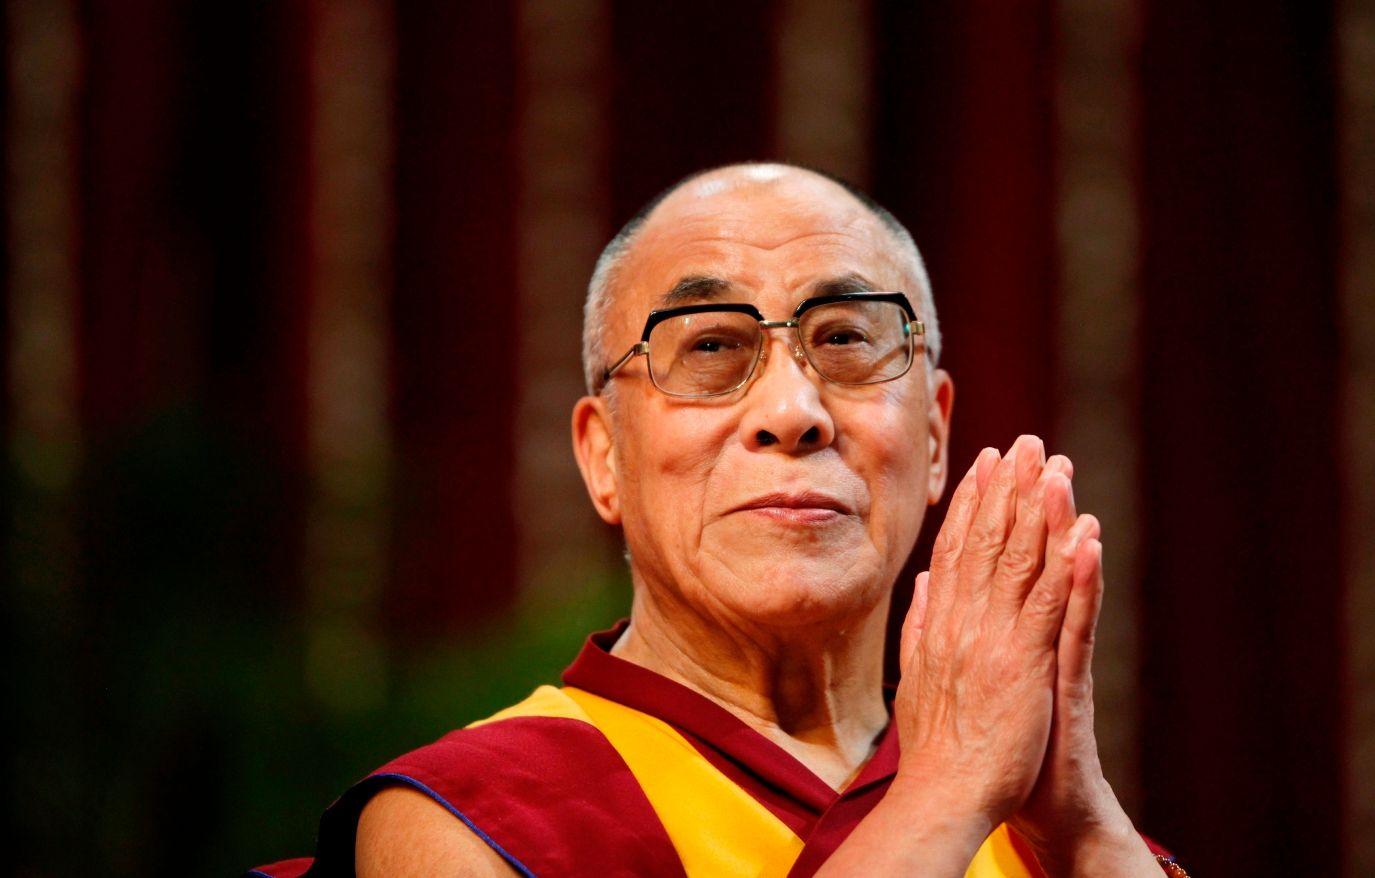 La rencontre annoncée entre Obama et le dalaï-lama met laChine en colère